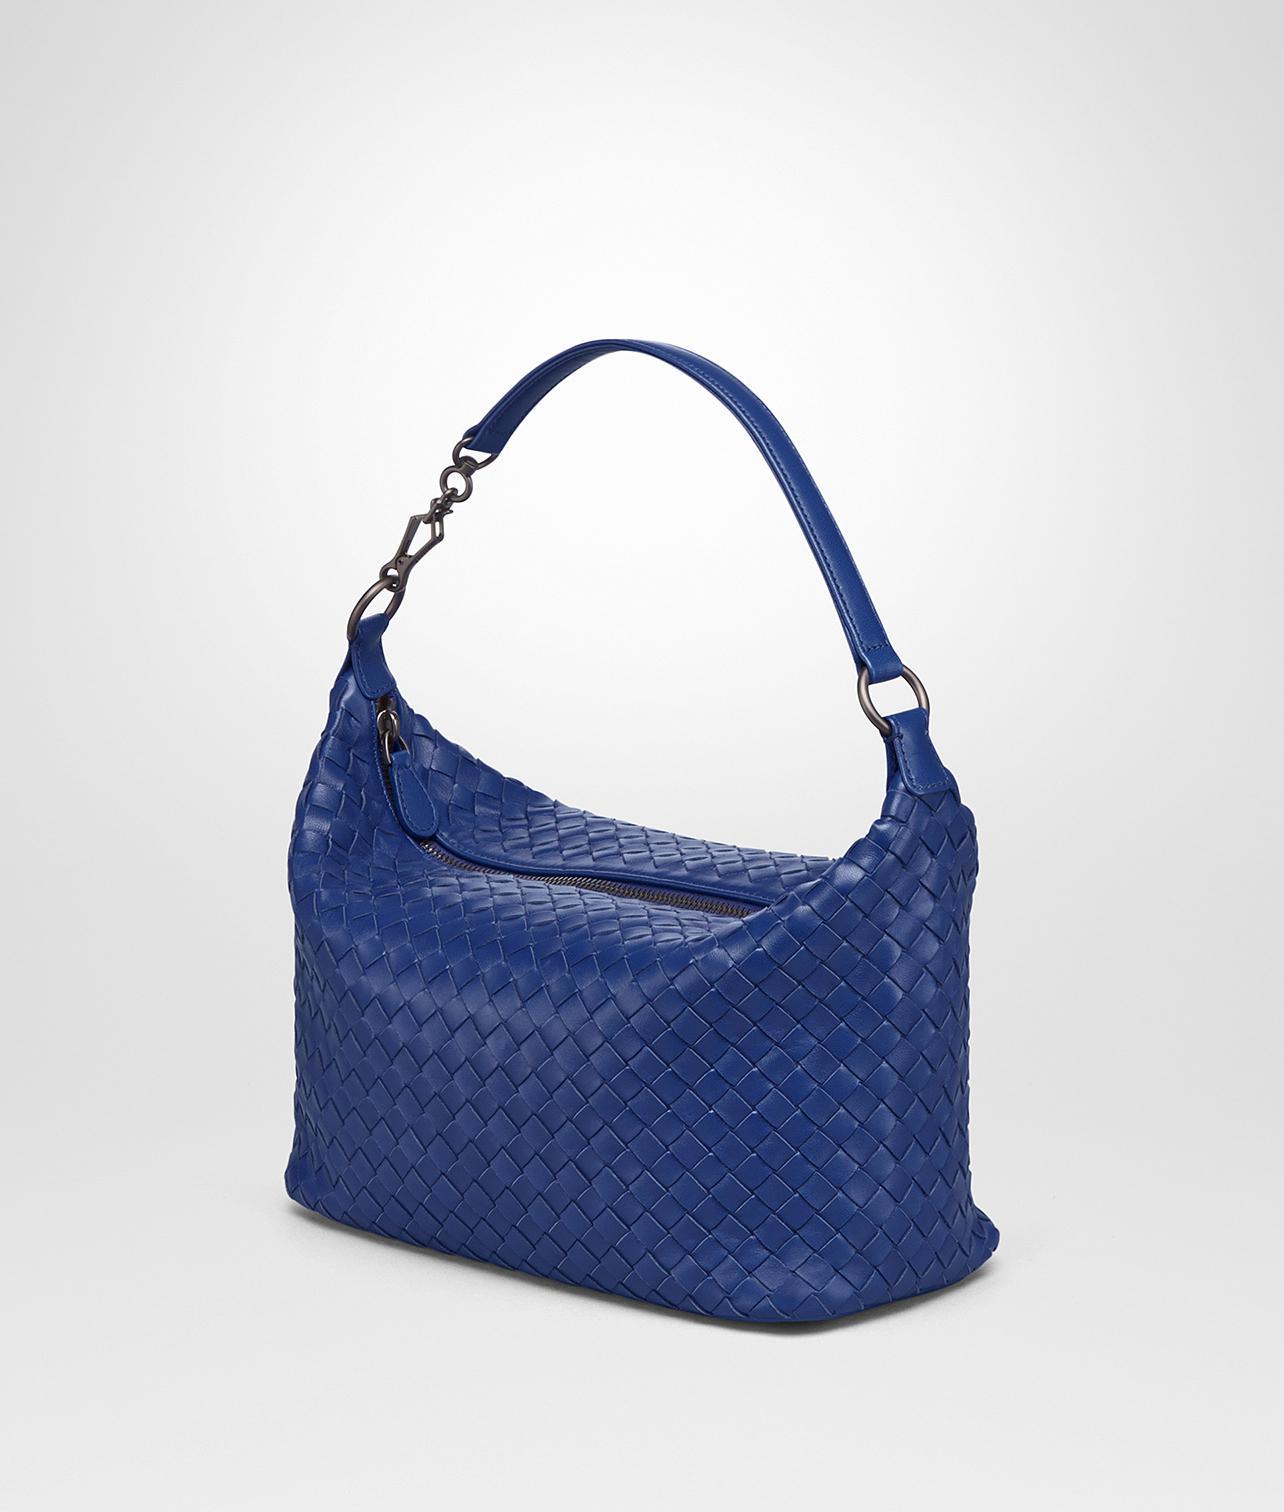 c0ba4d7904 Lyst - Bottega Veneta Cobalt Intrecciato Nappa Small Shoulder Bag in ...